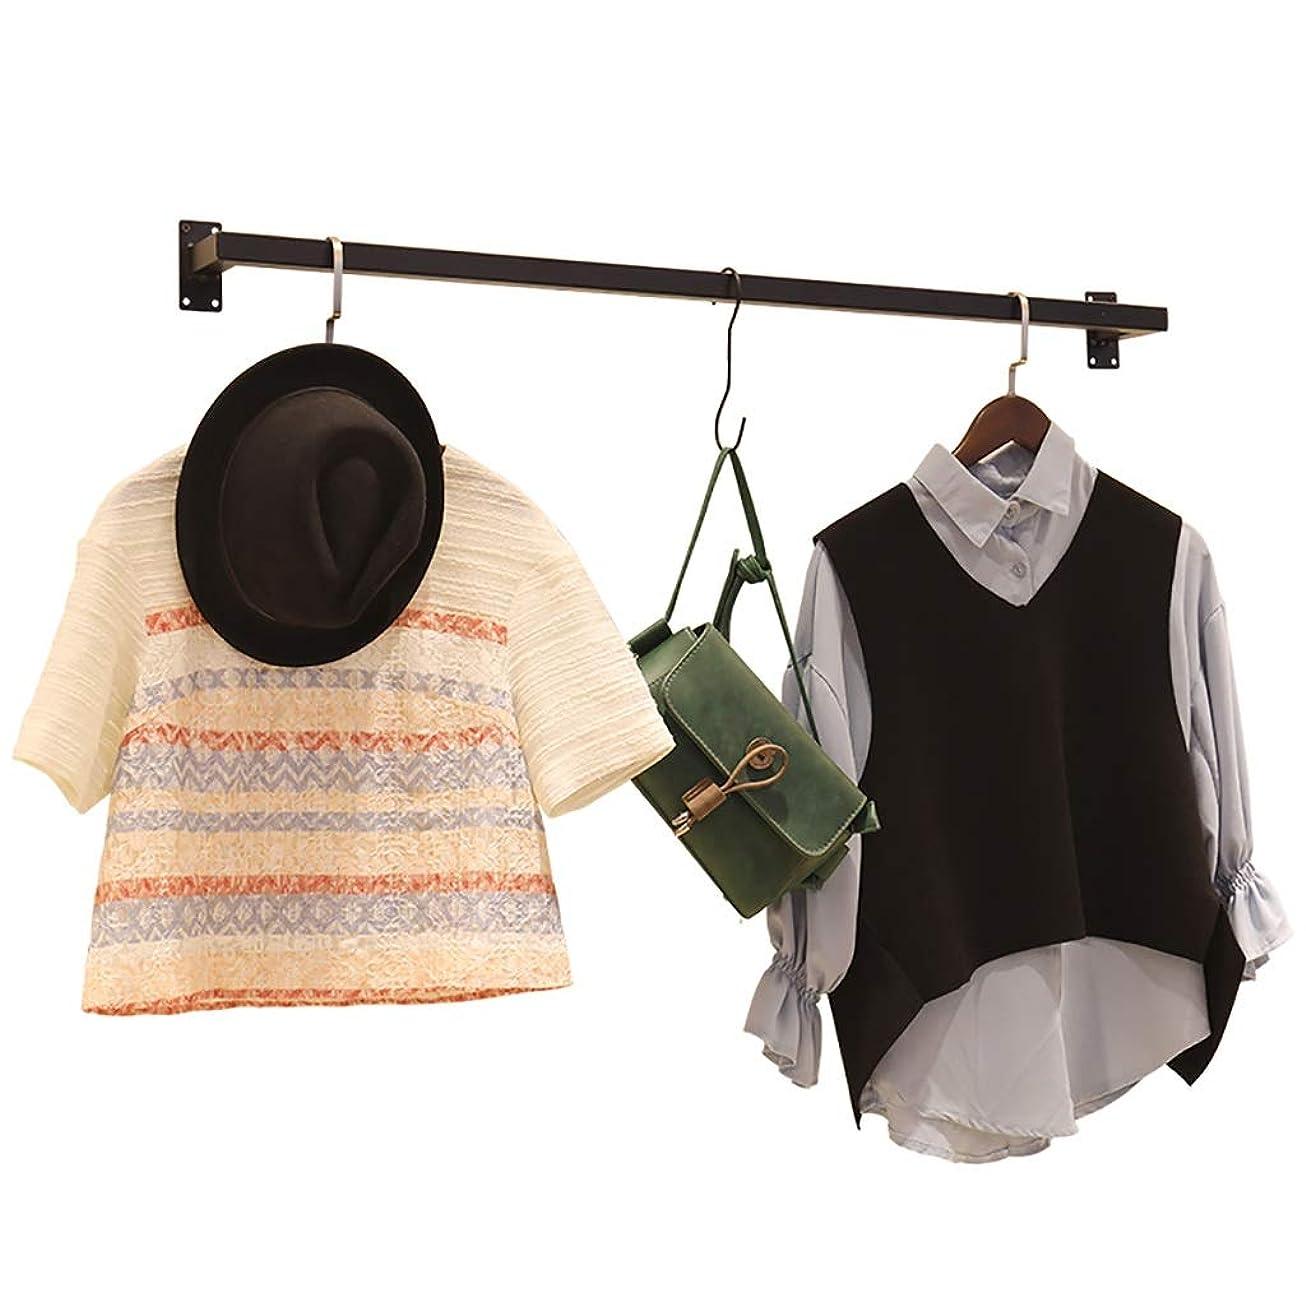 ナチュラルスペース霧鉄の衣服の棚の壁の台紙、商業衣服の表示棒、掛かる収納長さ100cm / 120cm衣服の棚 (Size : 120cm)